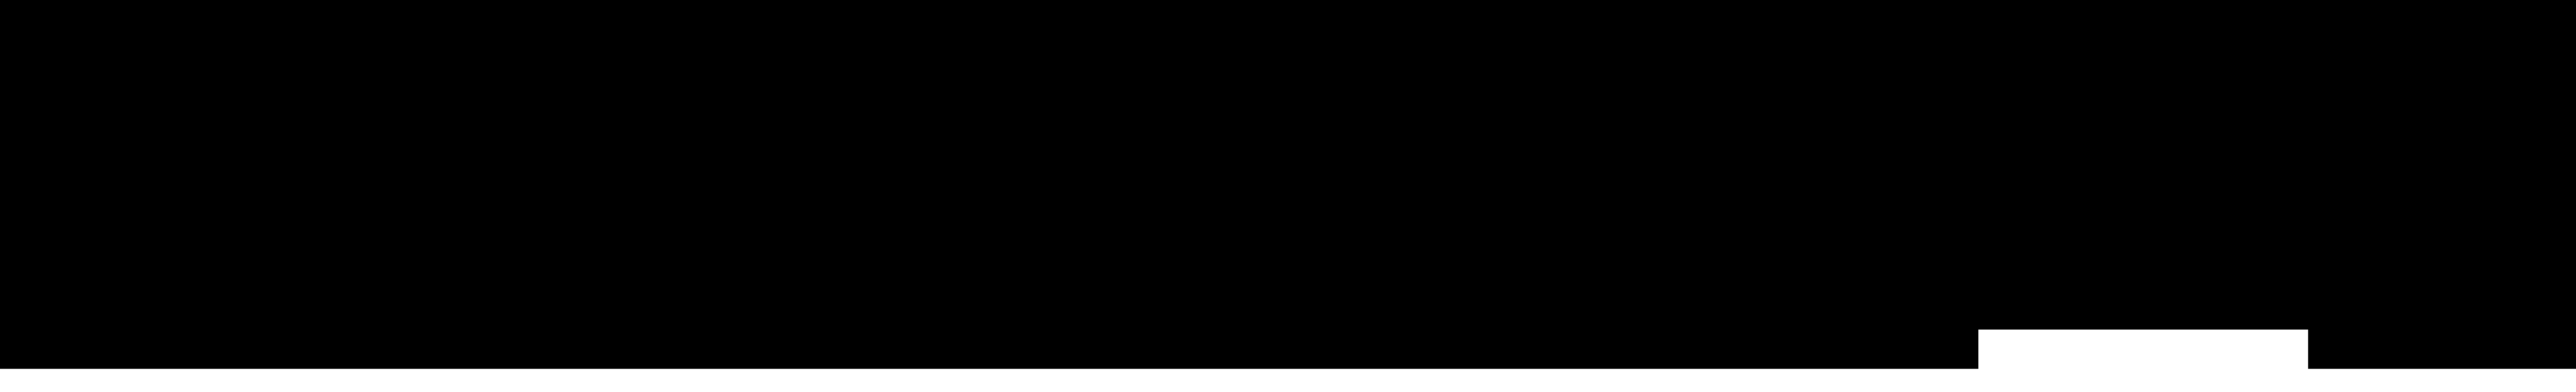 Deco transparent png image. Banner clip art lace